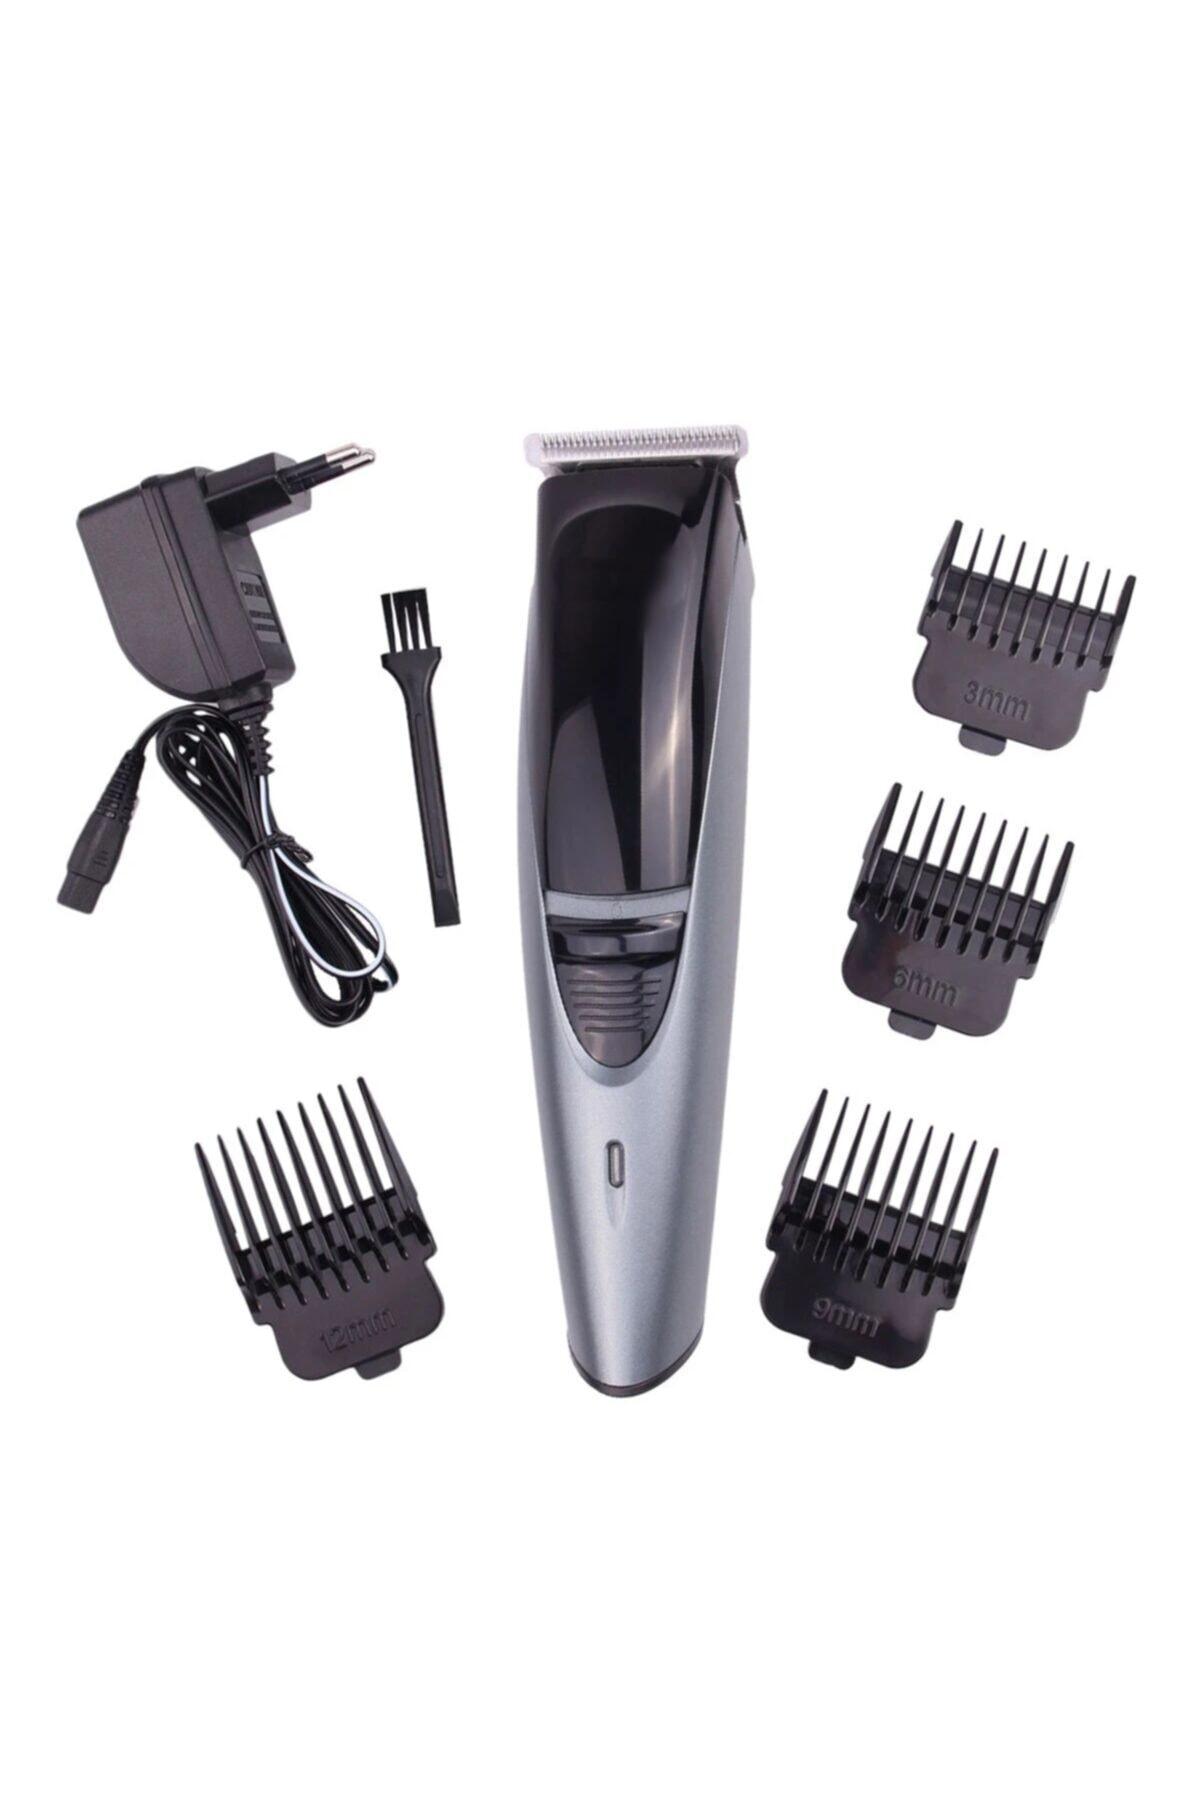 yopigo 6053 Erkek Tıraş Bakım Seti Şarjlı Saç Sakal Kesme Erkek Tıraş Makinesi 2